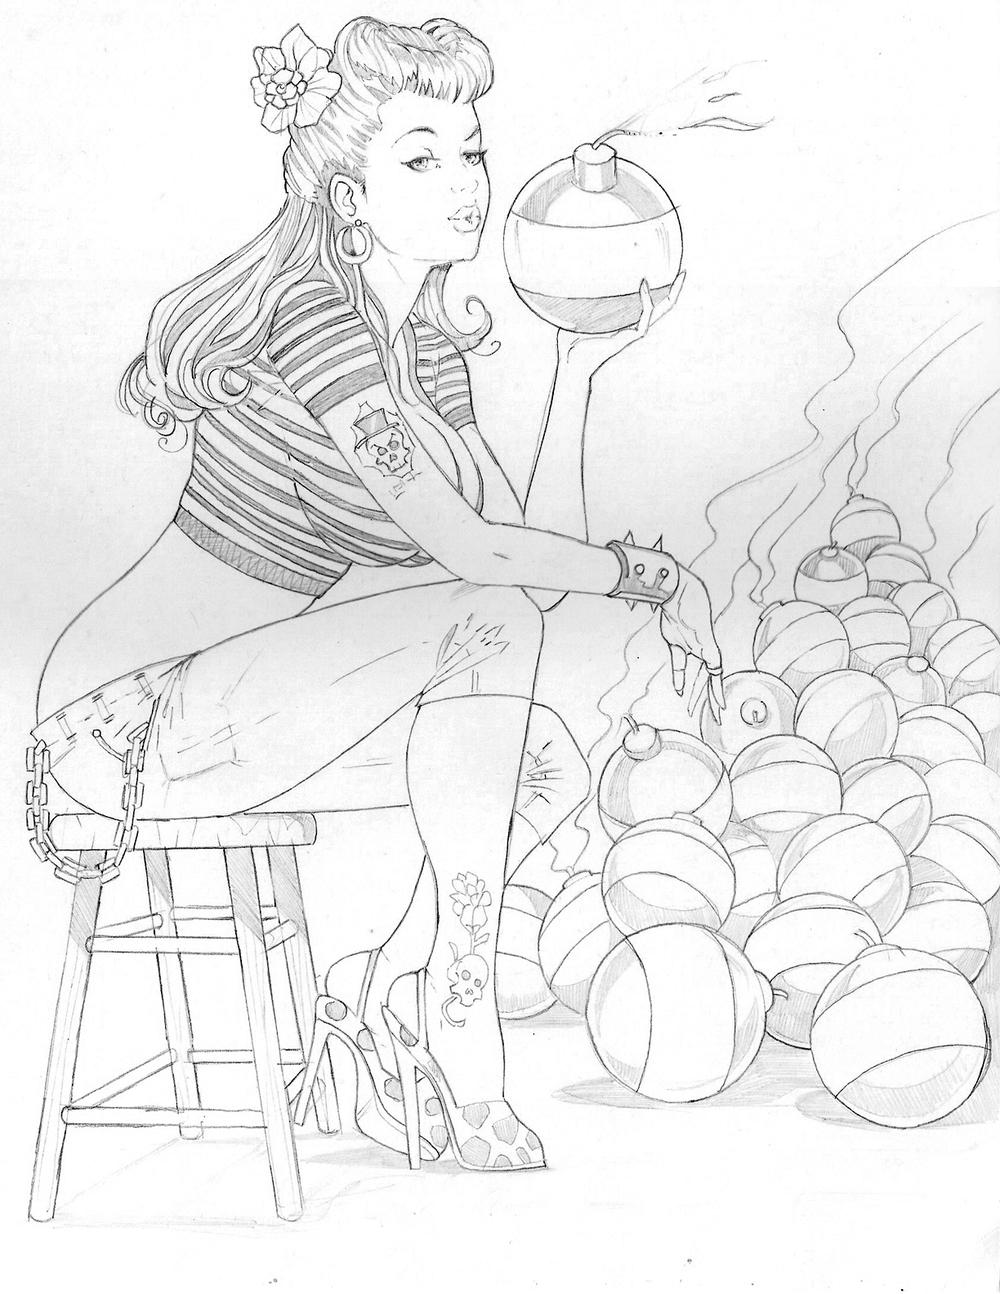 NOVEMBER-2012-BOMB-GIRL-sketch1.jpg